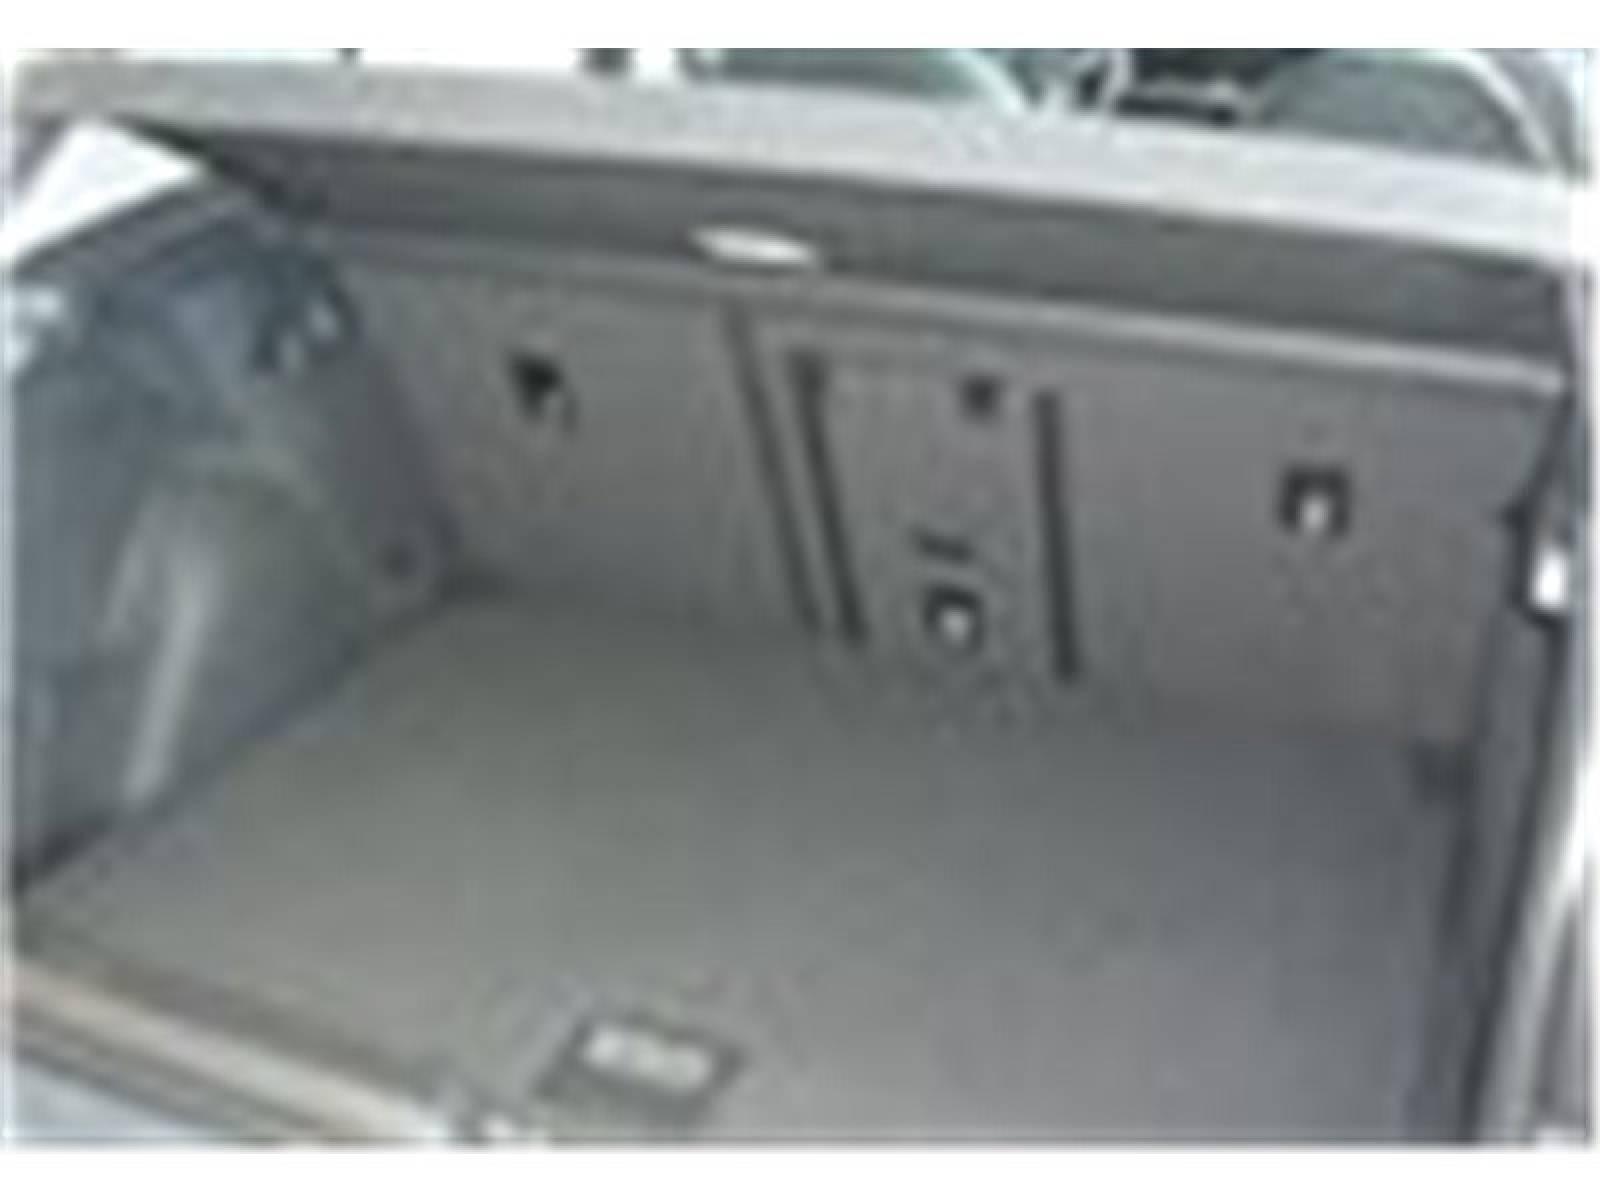 VOLKSWAGEN Golf 1.5 eTSI OPF 150 DSG7 - véhicule d'occasion - LEMAUVIEL AUTOMOBILES - Présentation site web V2 - Lemauviel Automobiles - VIRE - 14500 - VIRE - 8